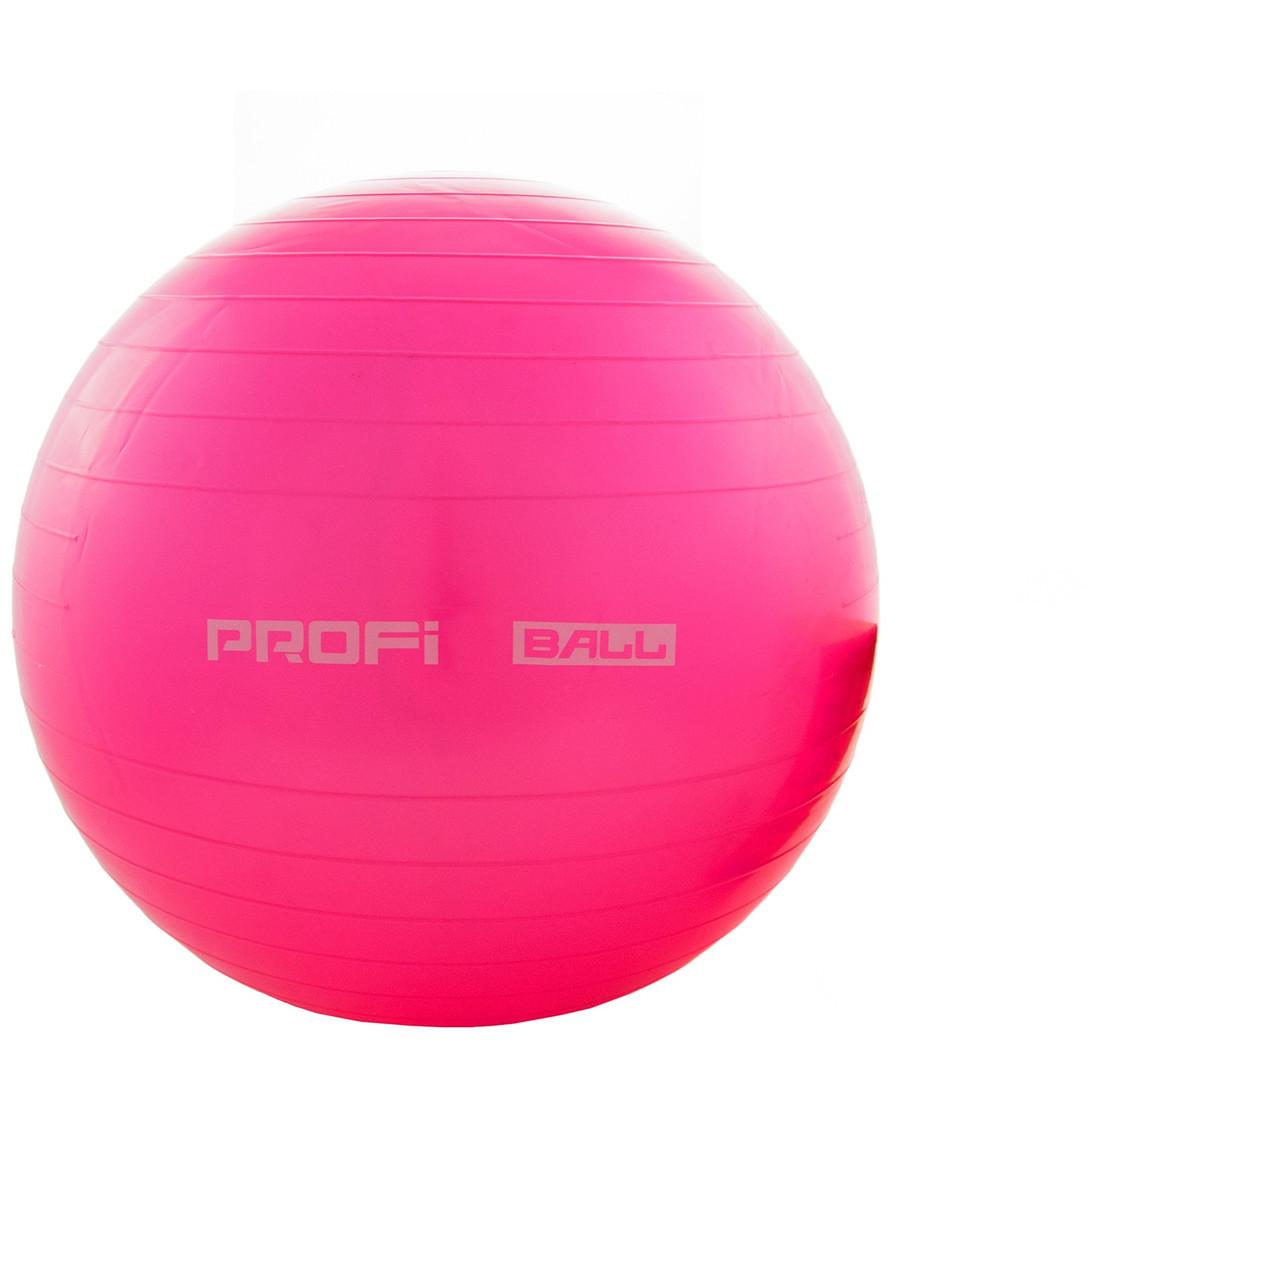 Фітбол дитячий (М'яч для фітнесу, гімнастичний) глянець Profi 55 см Рожевий (M 0275)